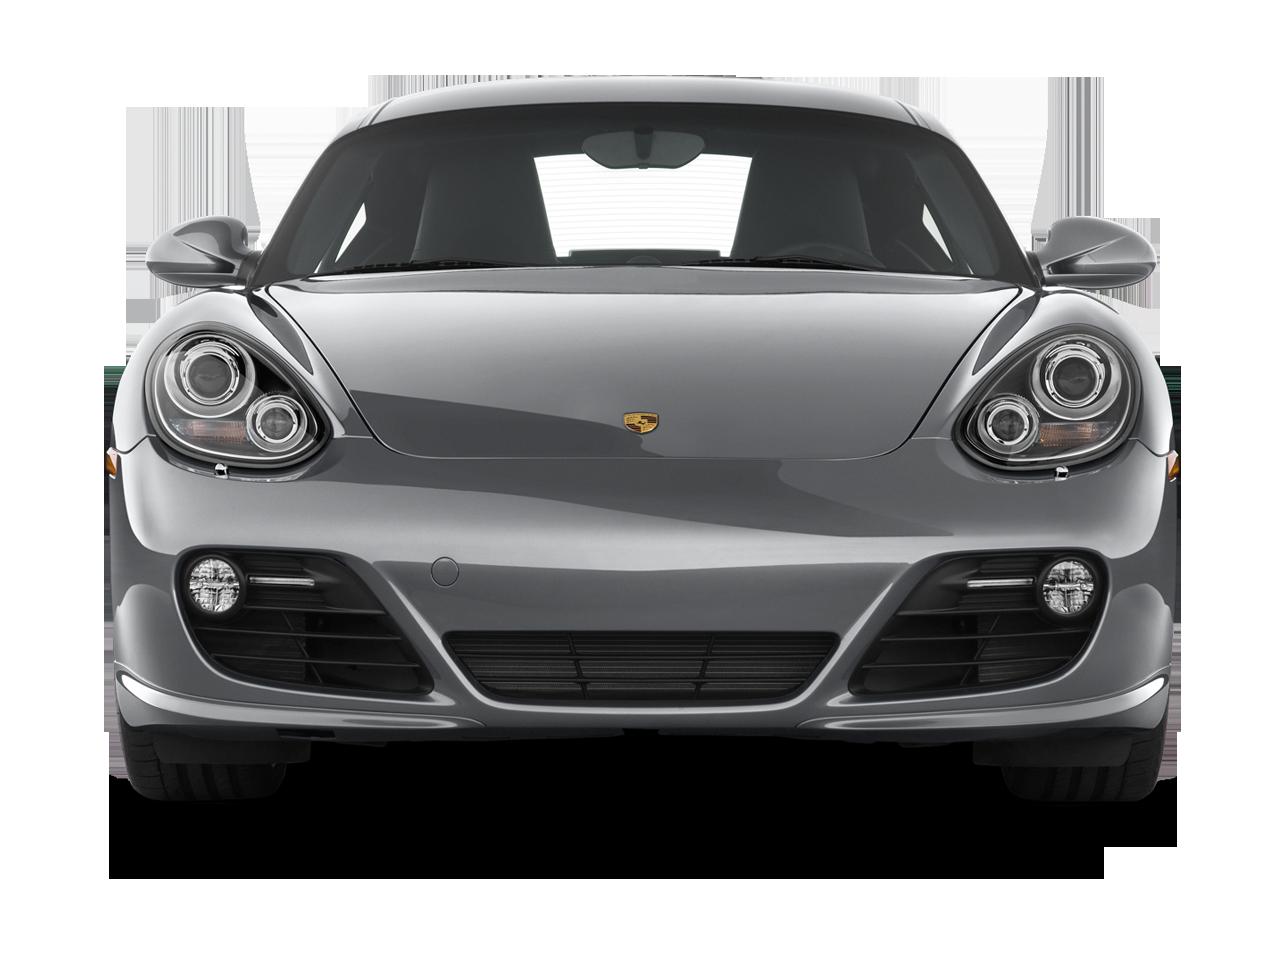 2009 porsche cayman s porsche sport coupe review automobile magazine. Black Bedroom Furniture Sets. Home Design Ideas